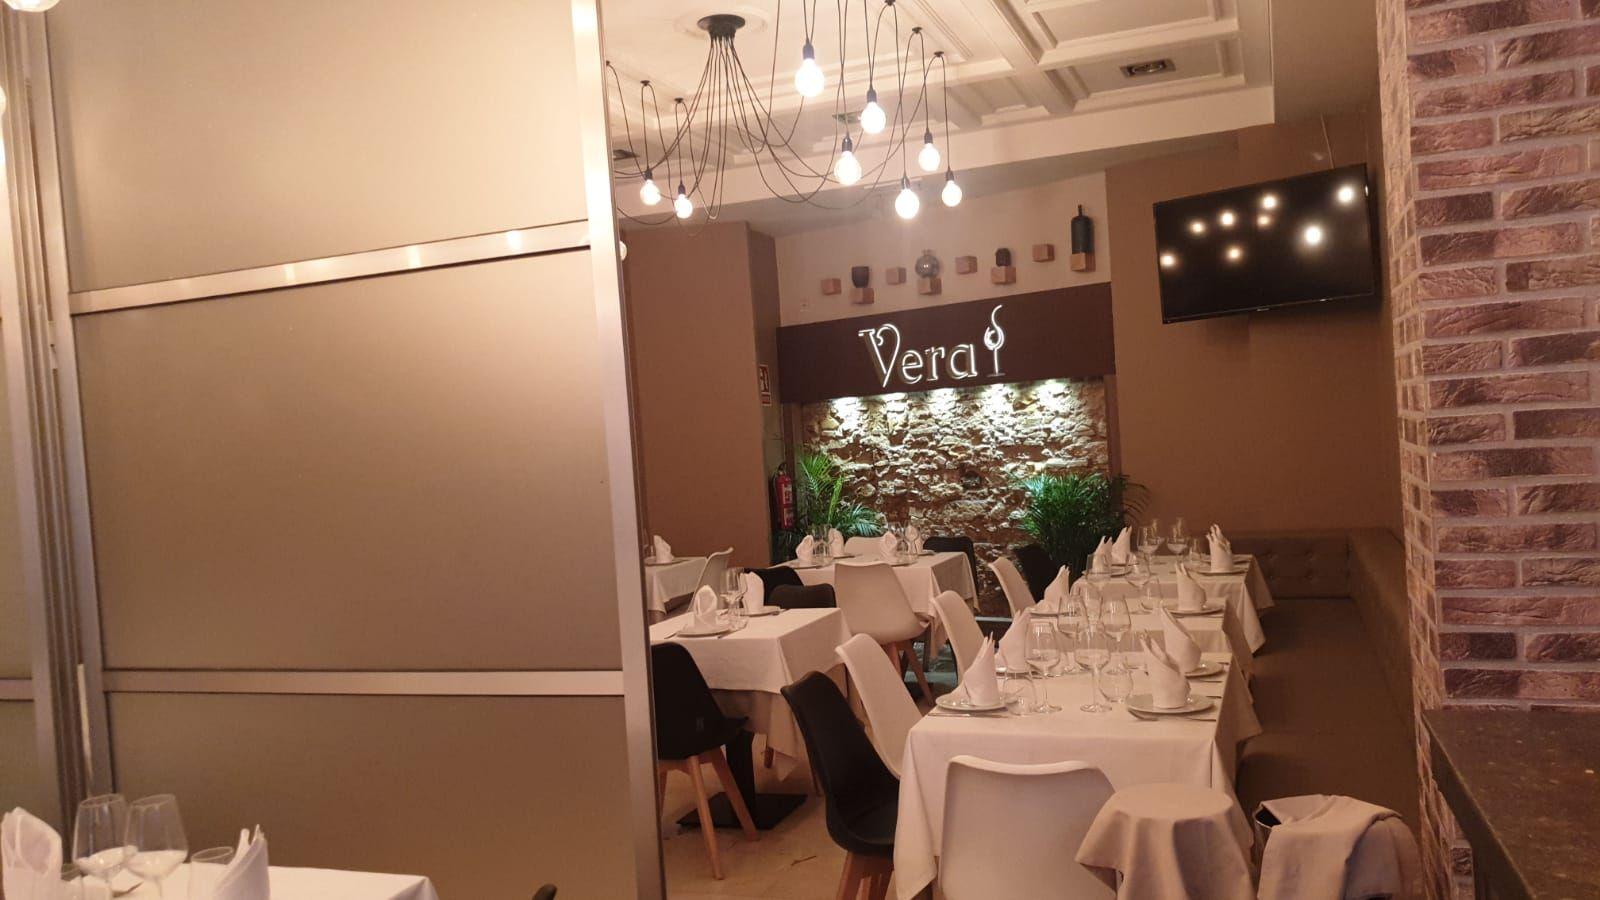 Foto 24 de Restaurante ecuatoriano en Valencia | Vera Restaurante